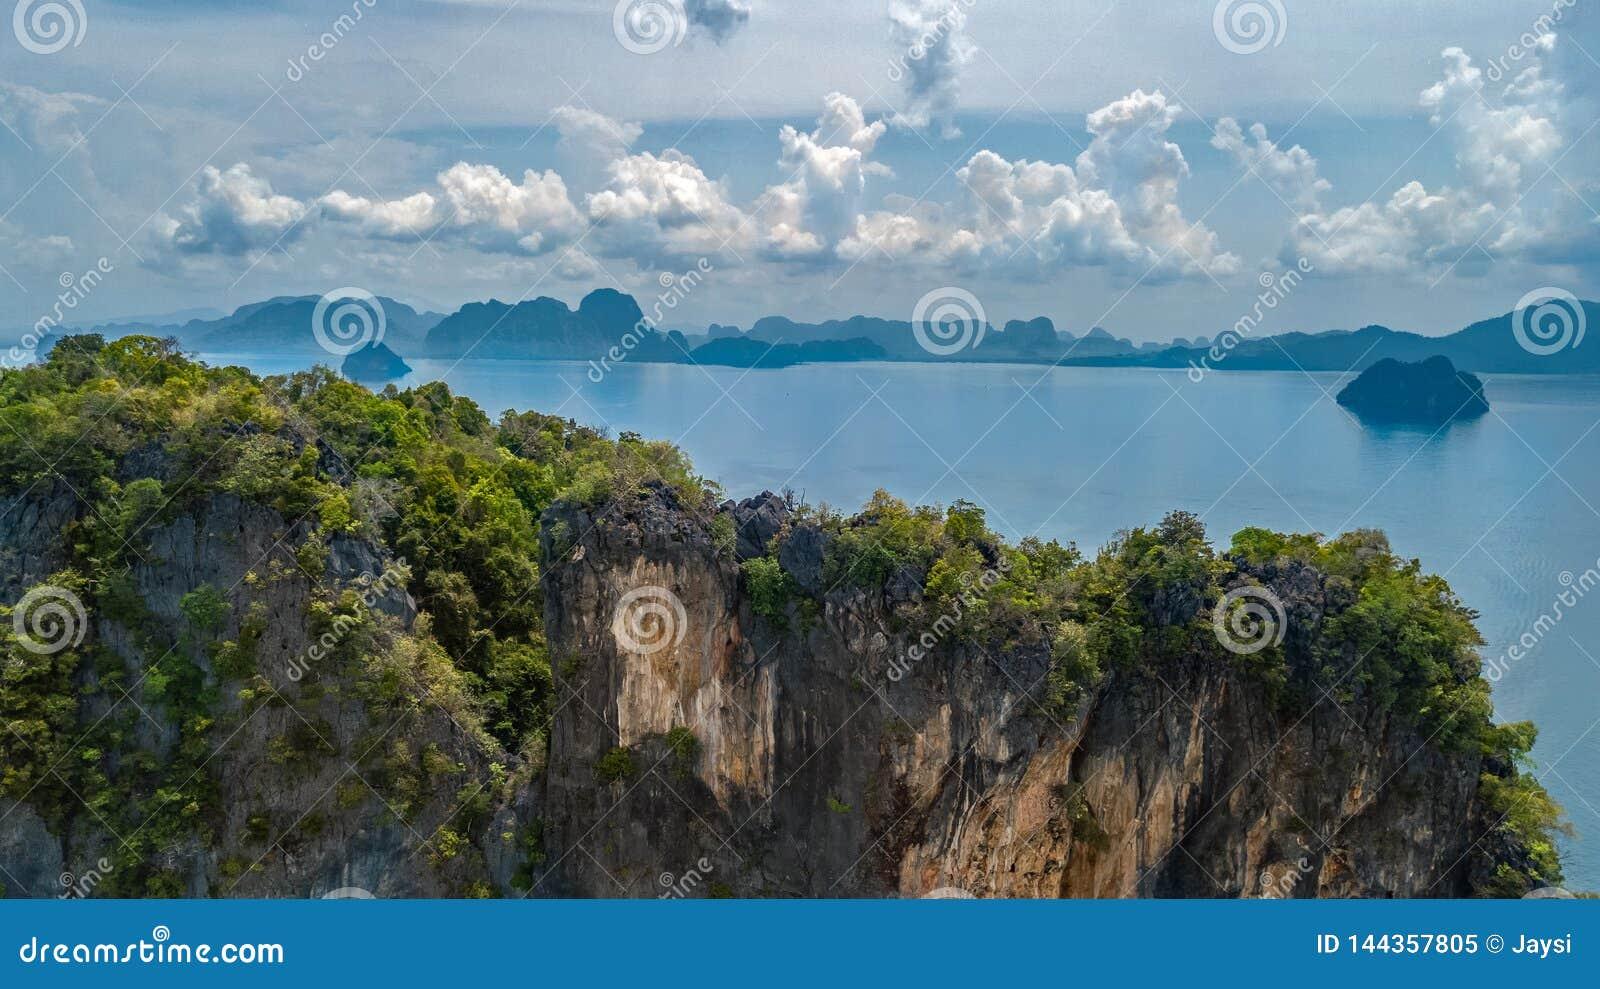 Flyg- surrsikt av tropiska öar, stränder och fartyg i blått klart Andaman havsvatten från ovannämnda härliga skärgårdöar